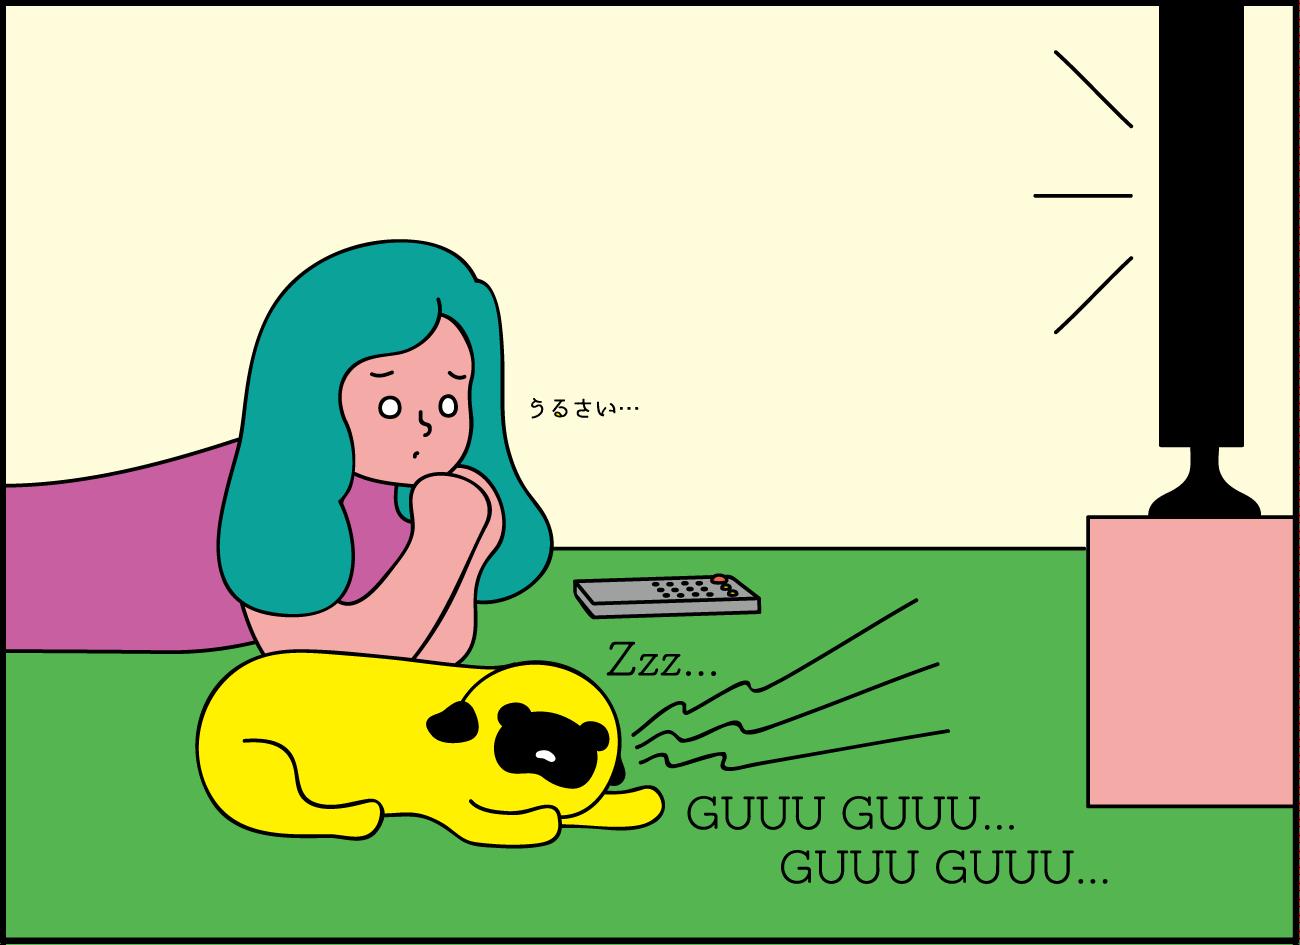 いびき【ほのぼの系Daily Comic/パグとわたし】